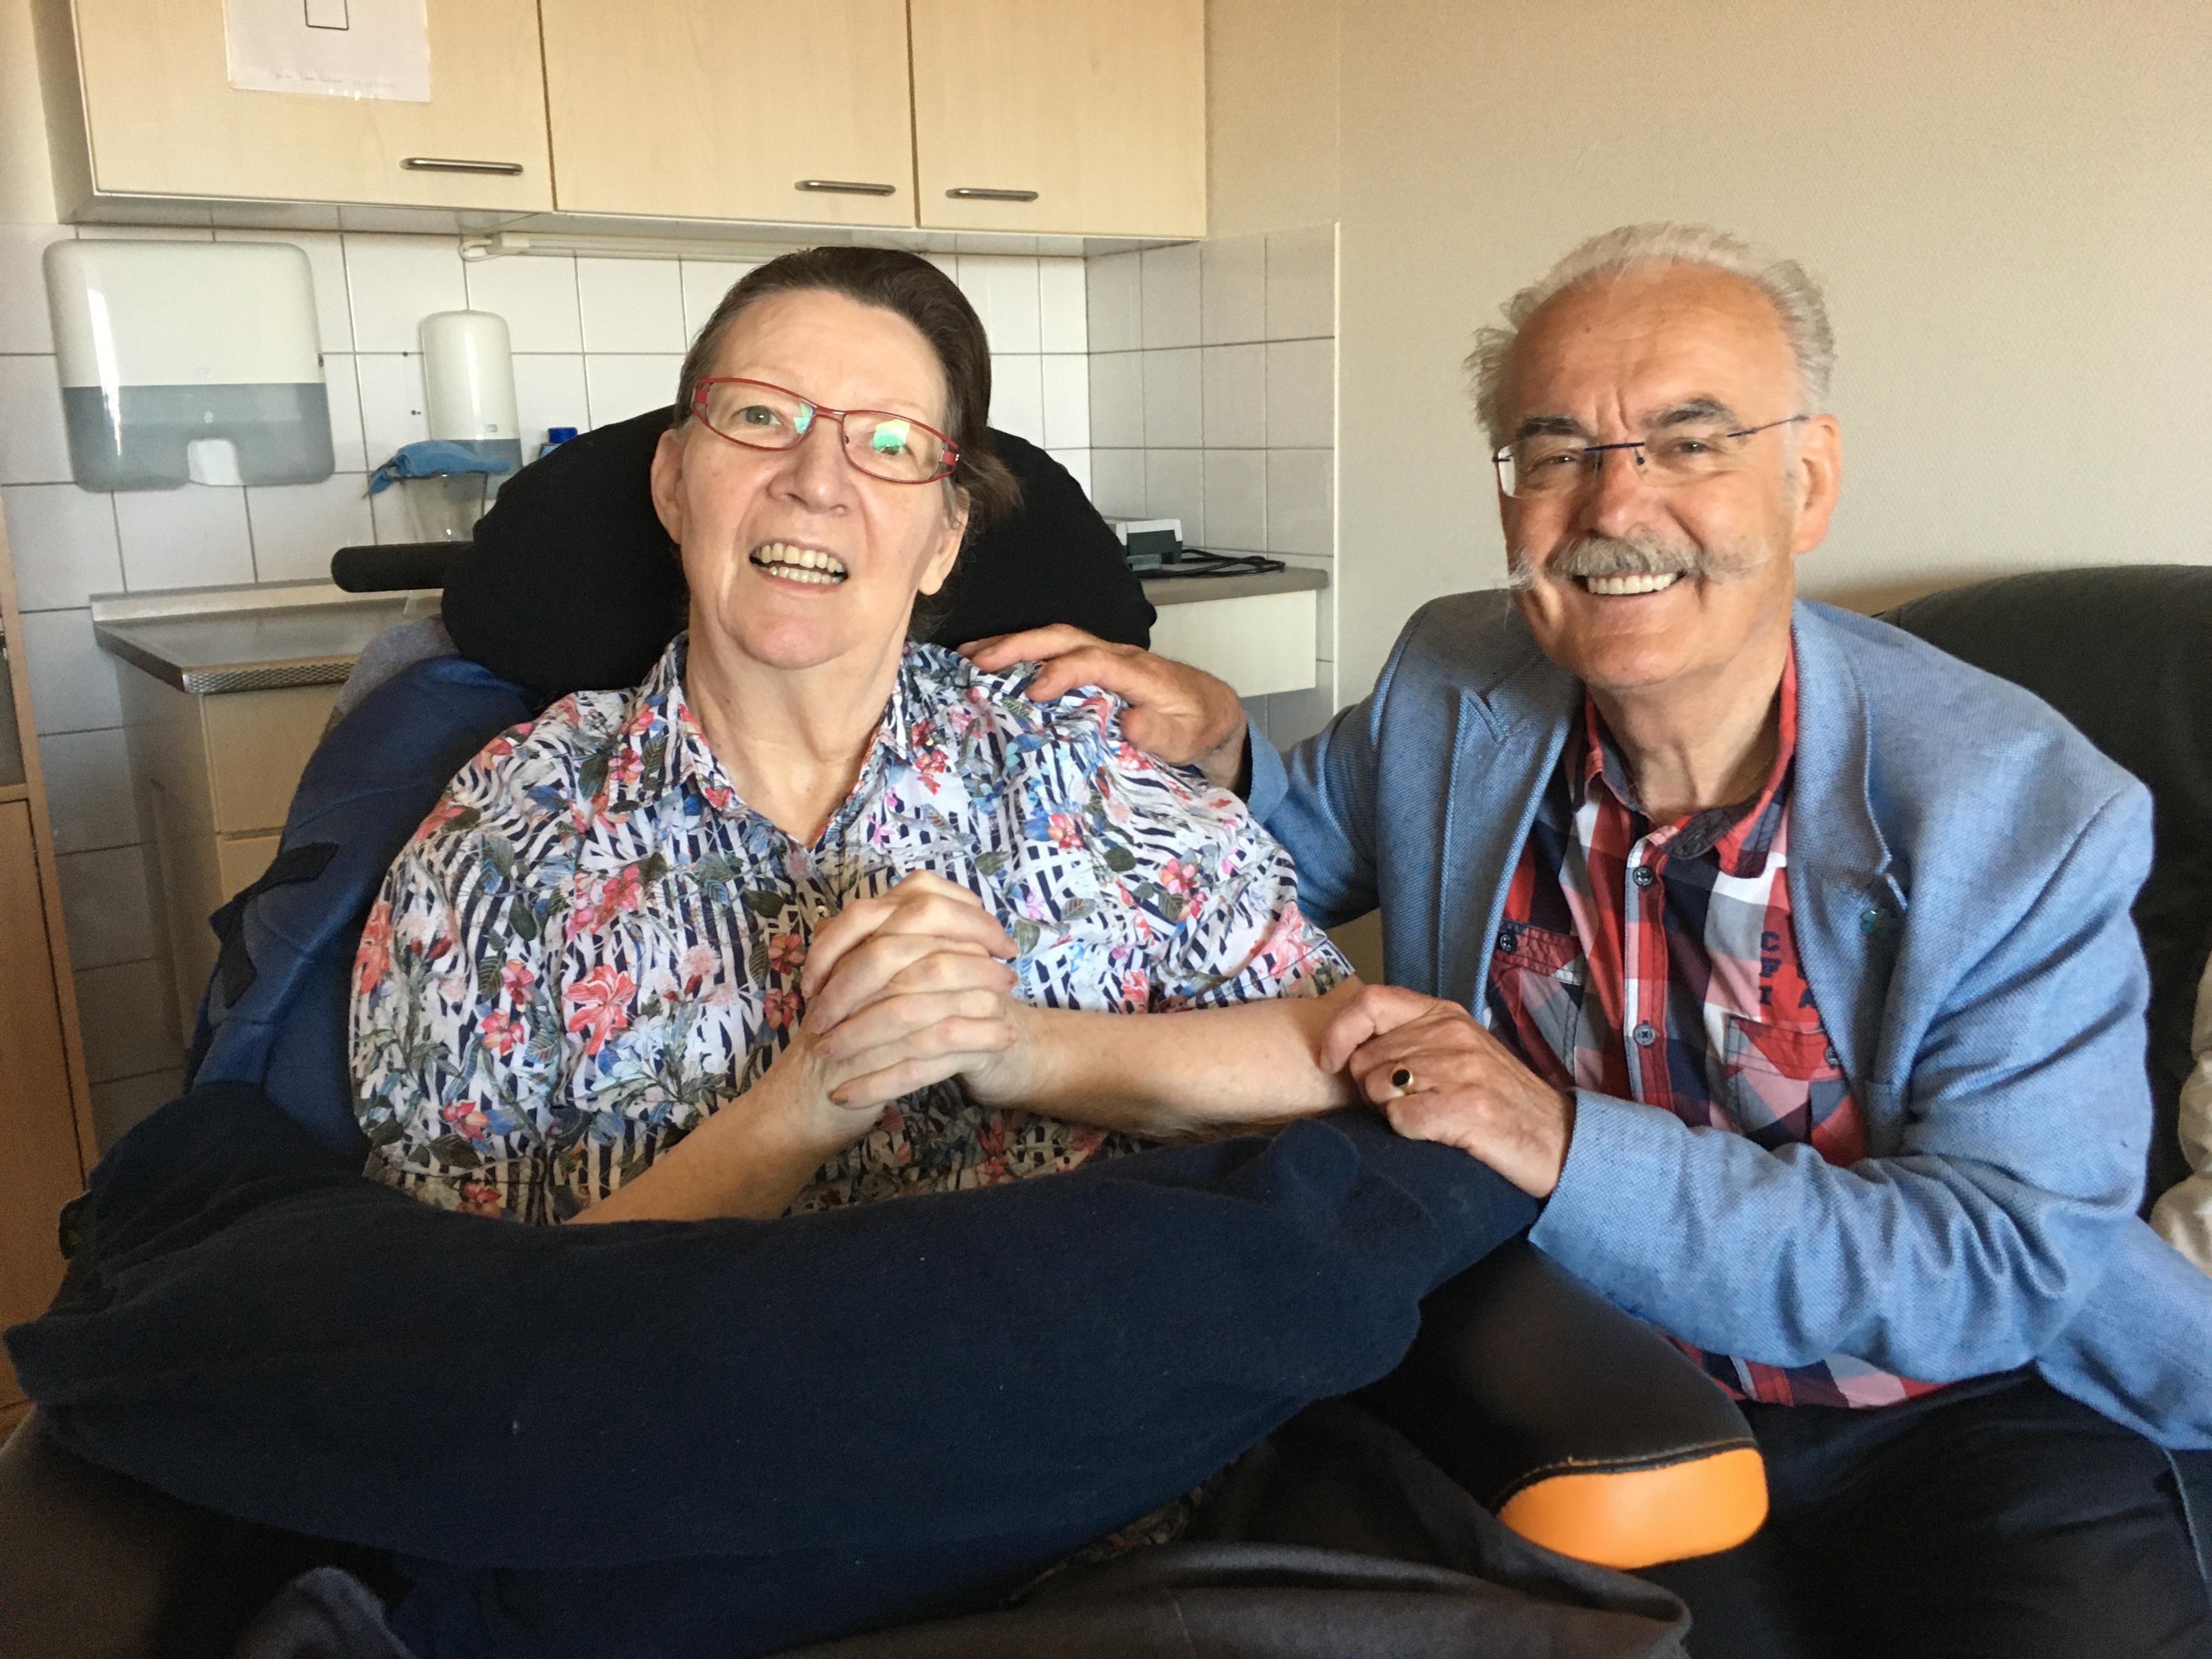 Blij met menselijke maat in IJmuidens woonzorgcentrum Breezicht: 'ik mocht haar gewoon knuffelen'